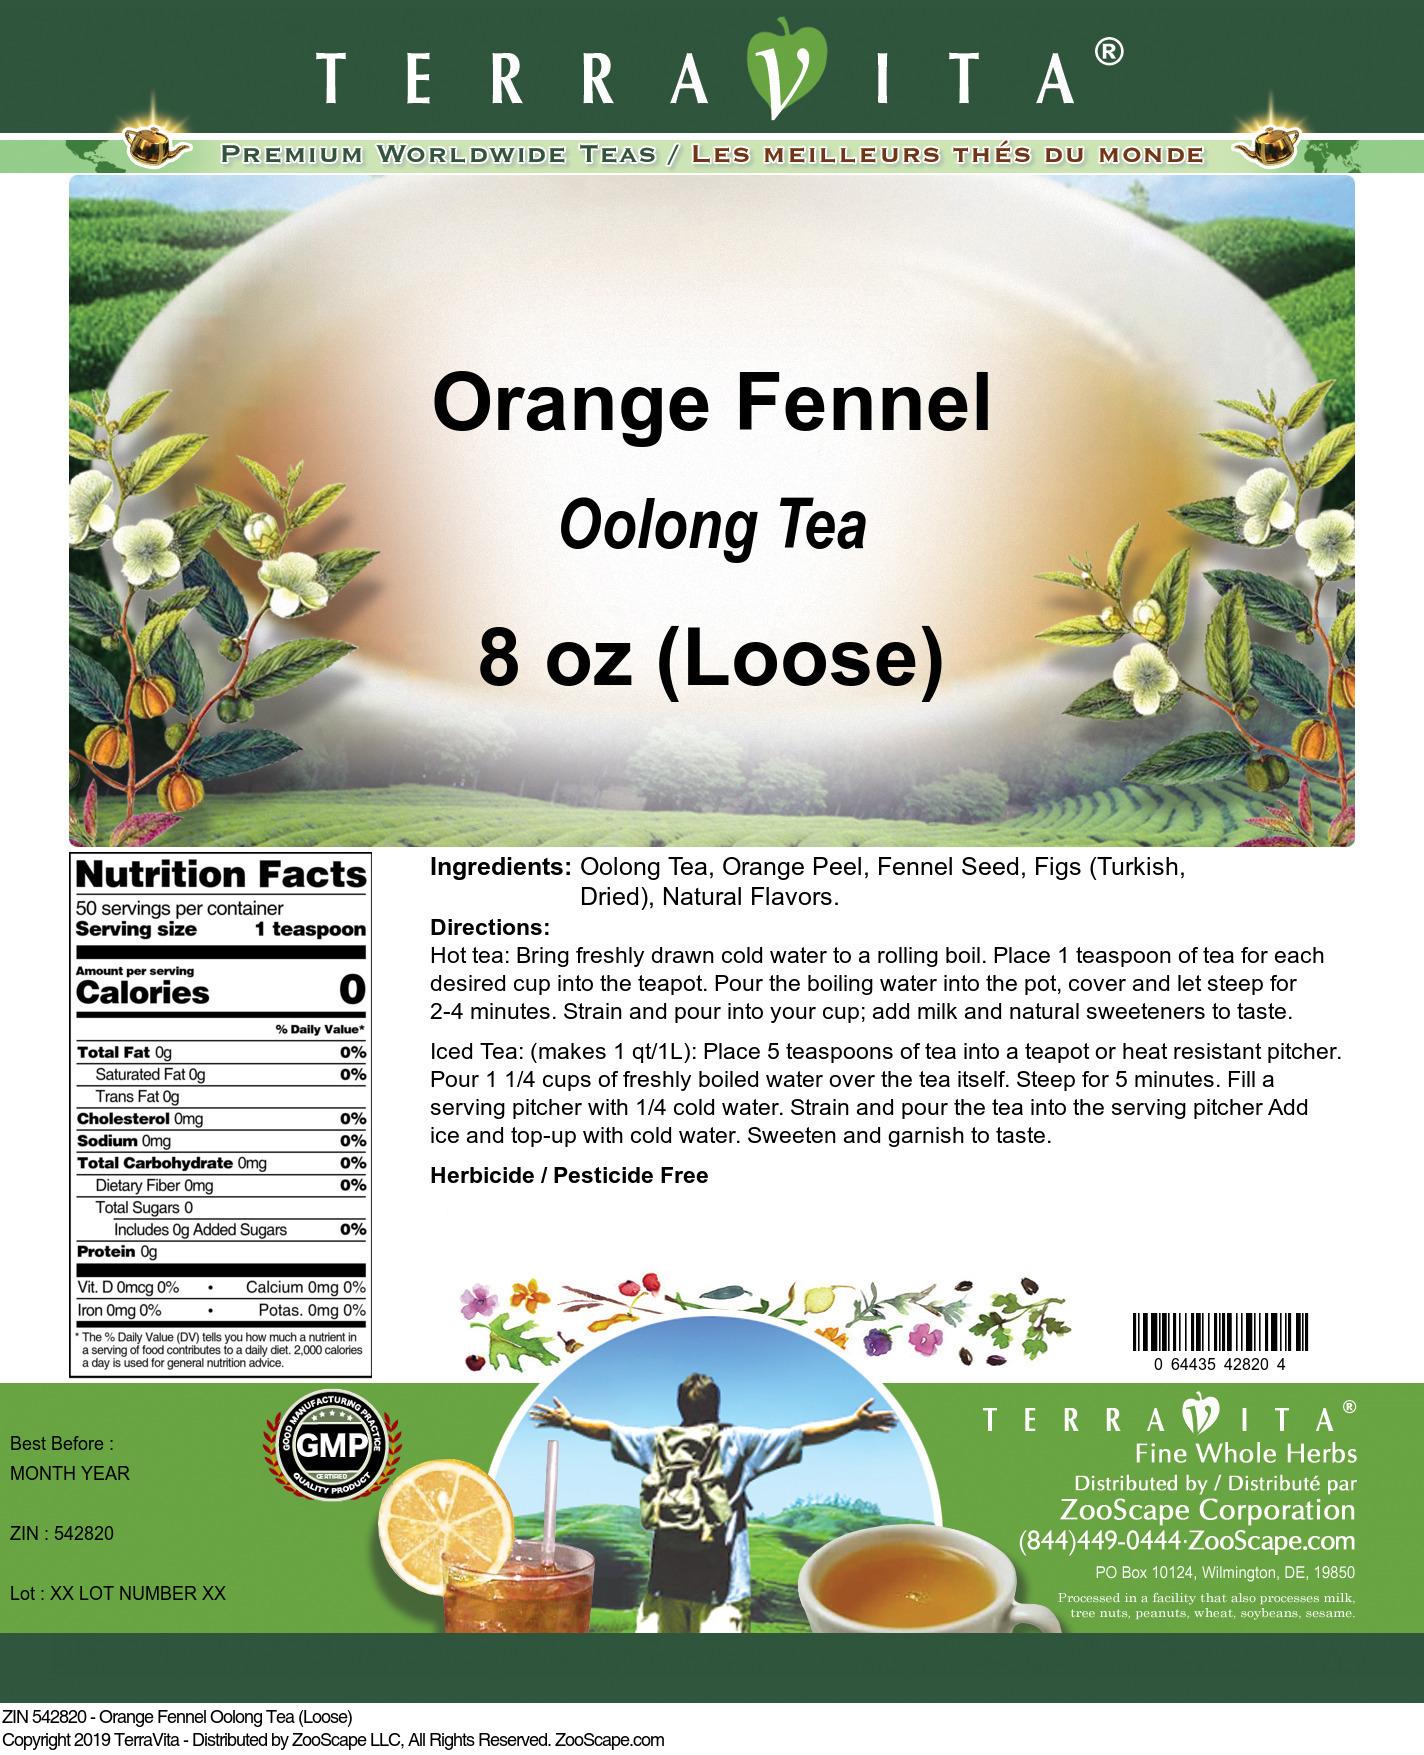 Orange Fennel Oolong Tea (Loose)